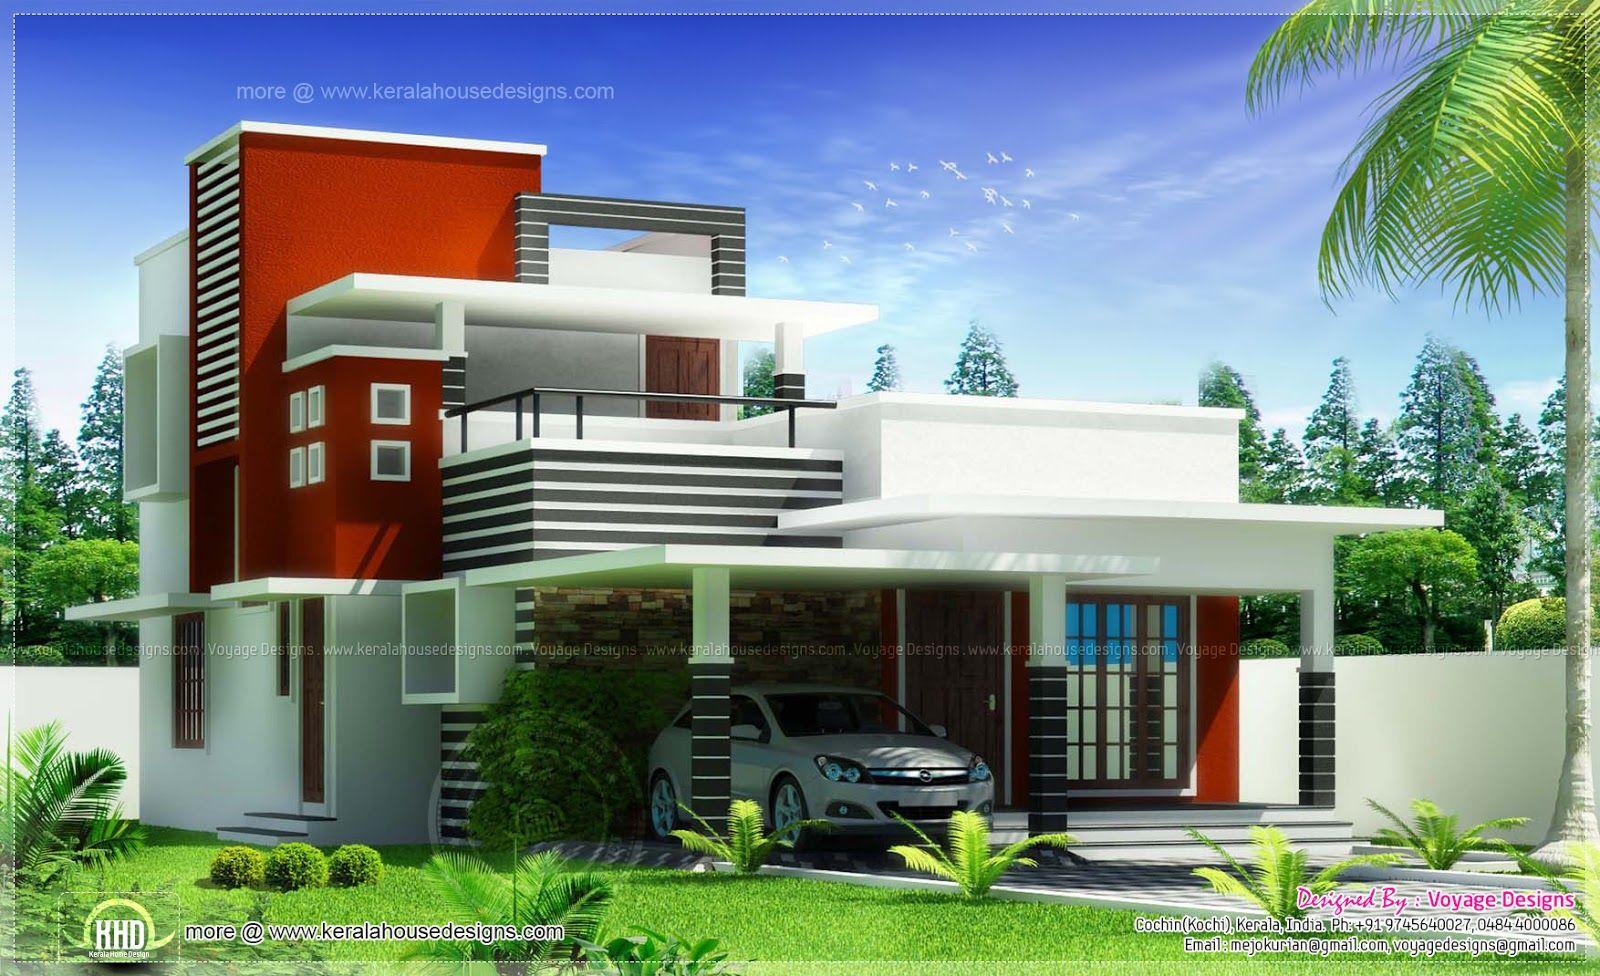 Kerala House Designs Kerala House Design Contemporary House Design House Design Pictures